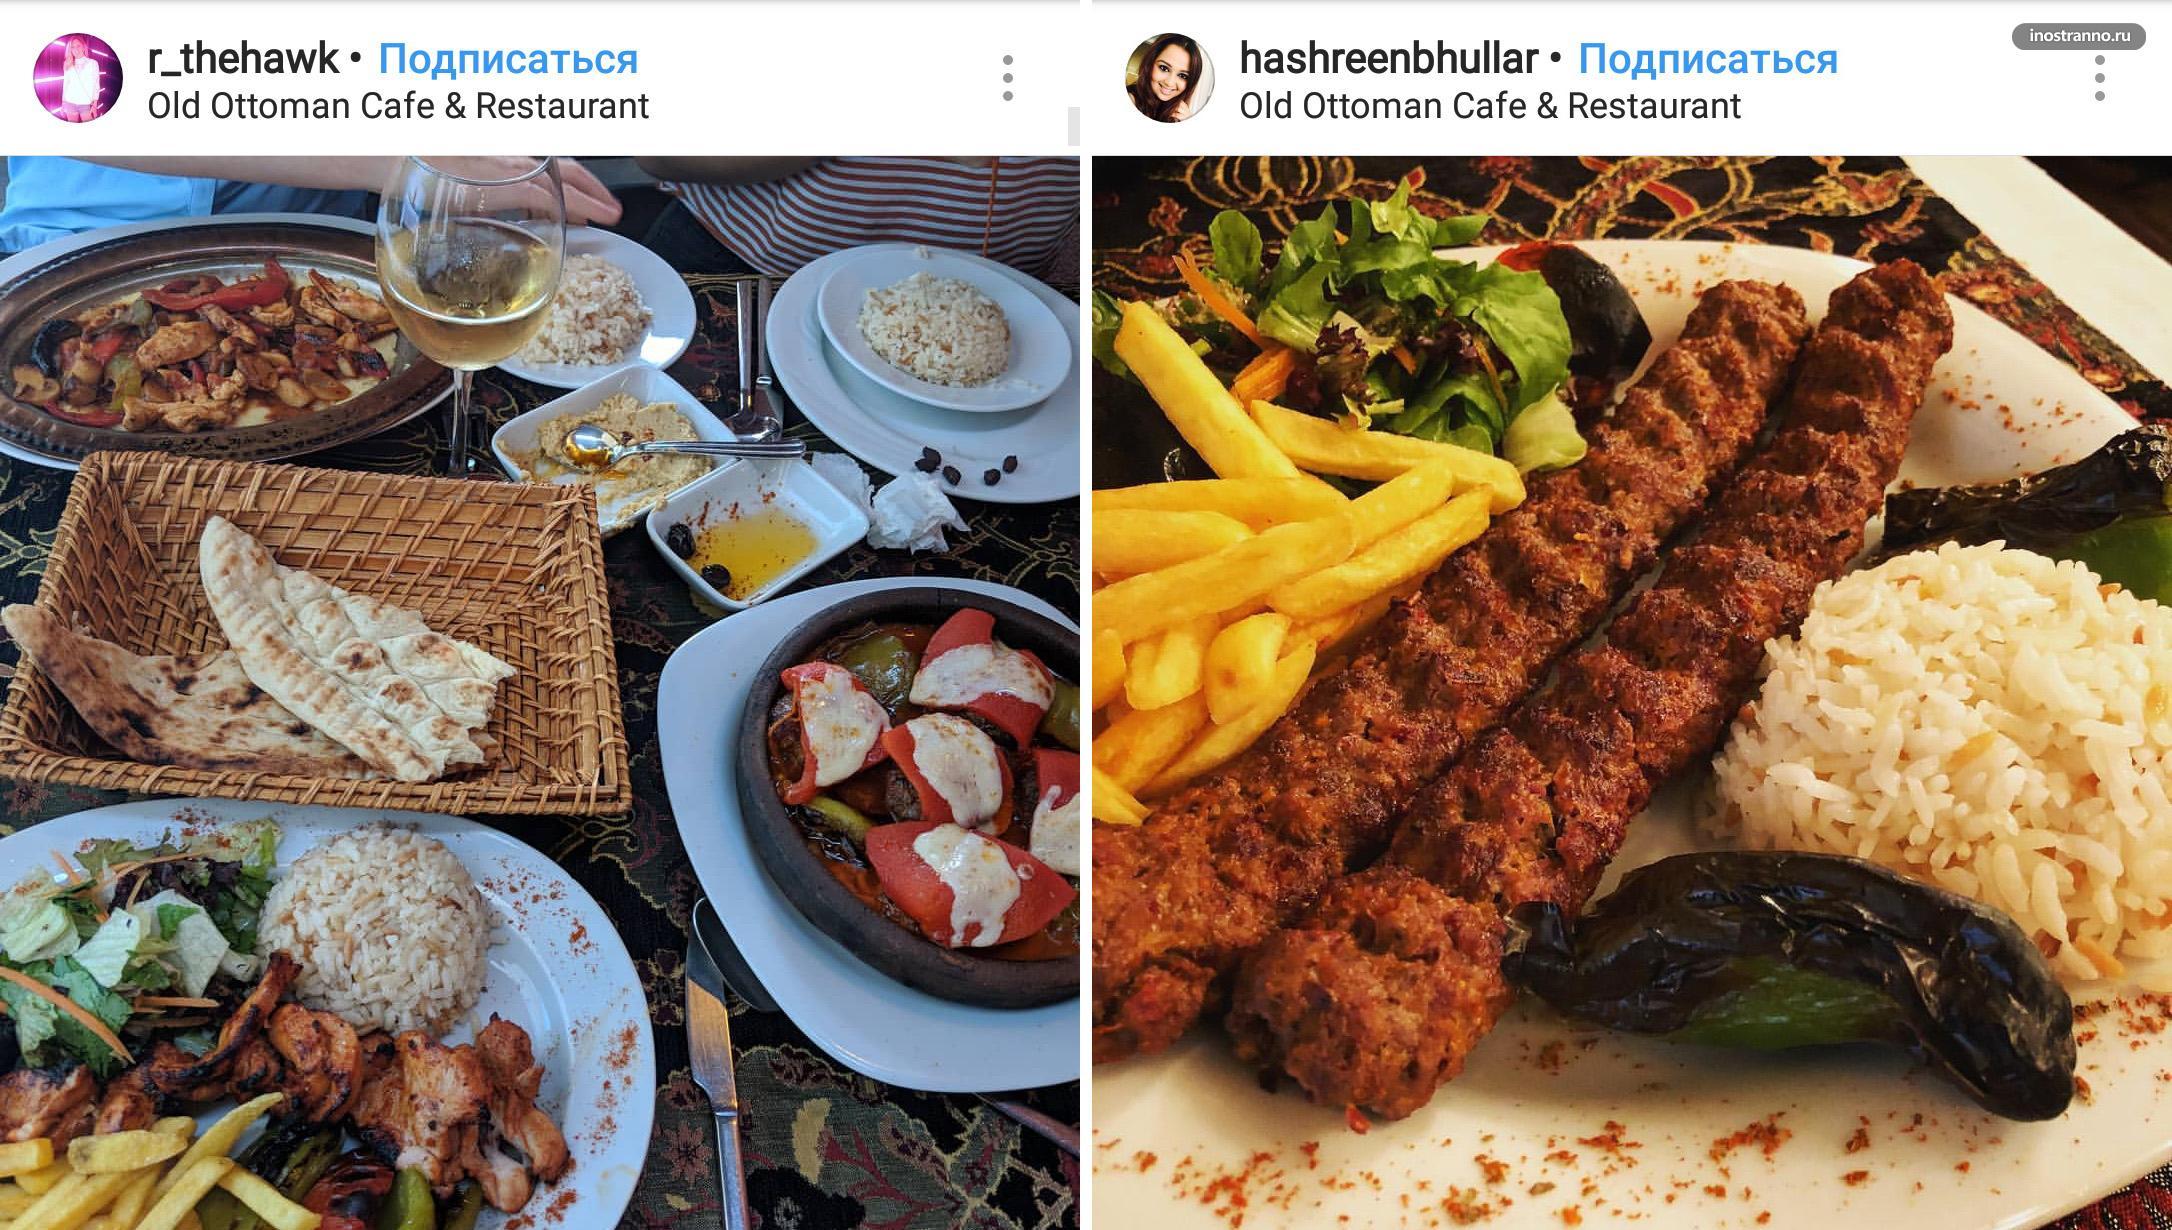 Old Istanbul Cuisine ресторан с турецкой кухней в Стамбуле